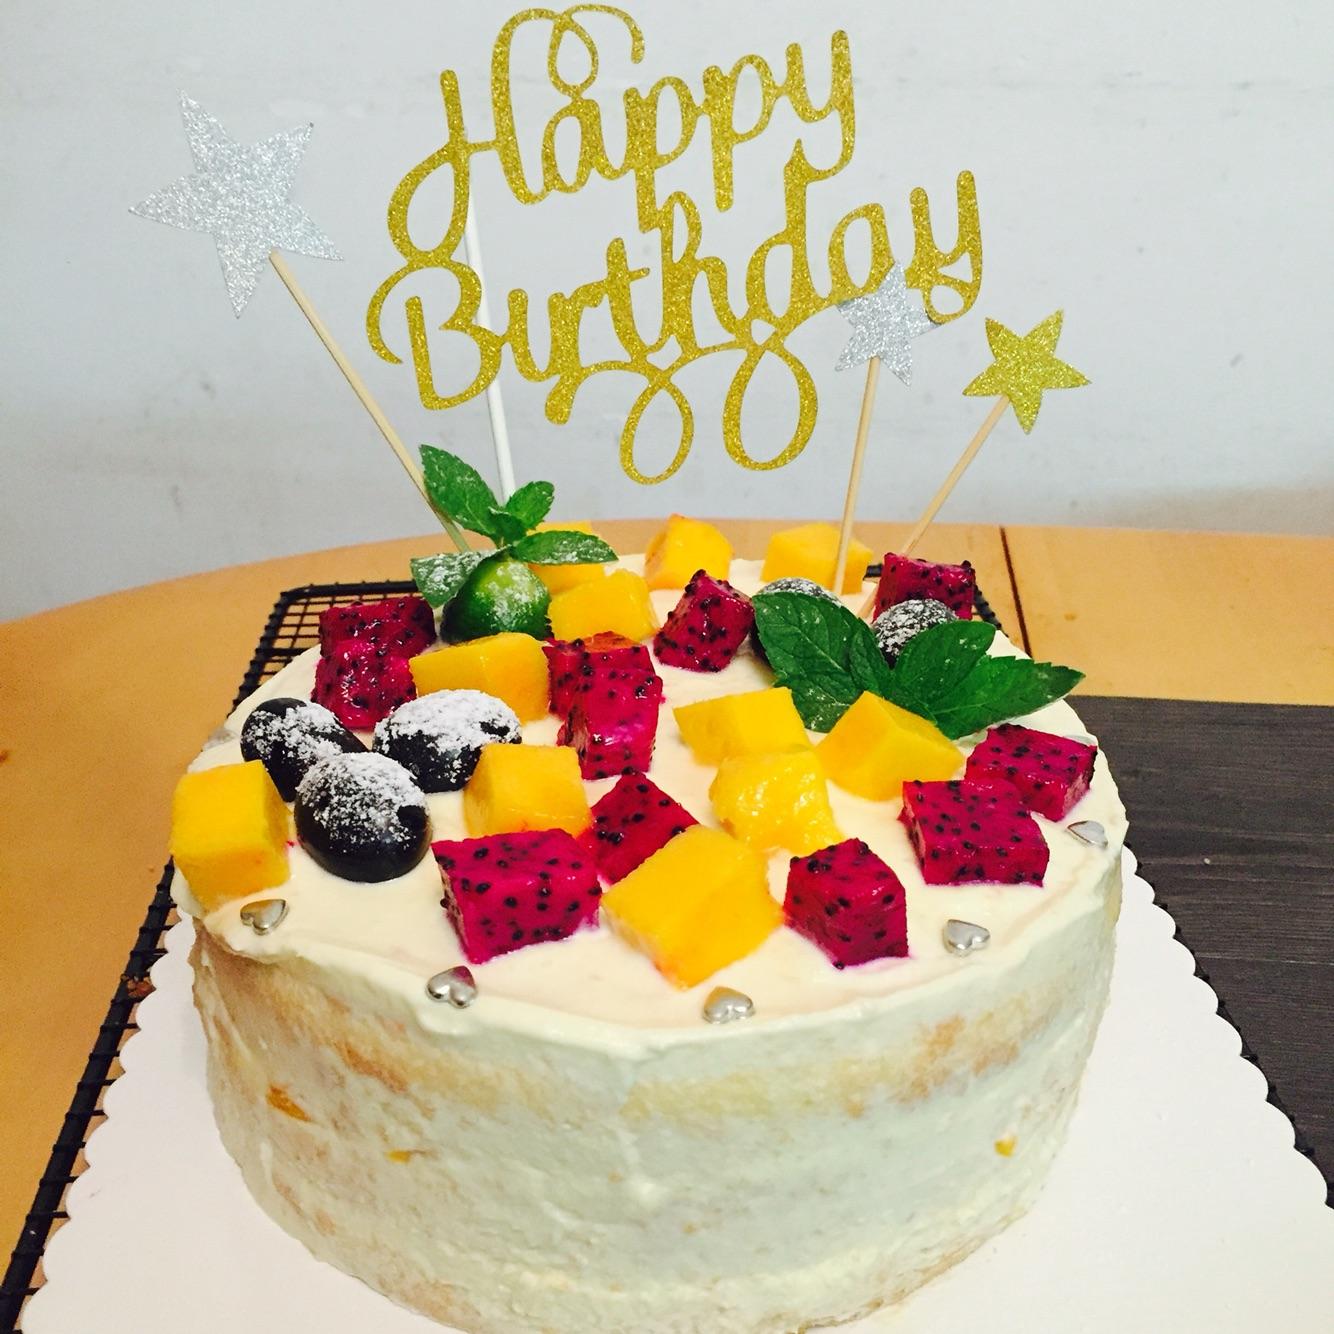 蛋糕打印图片素材